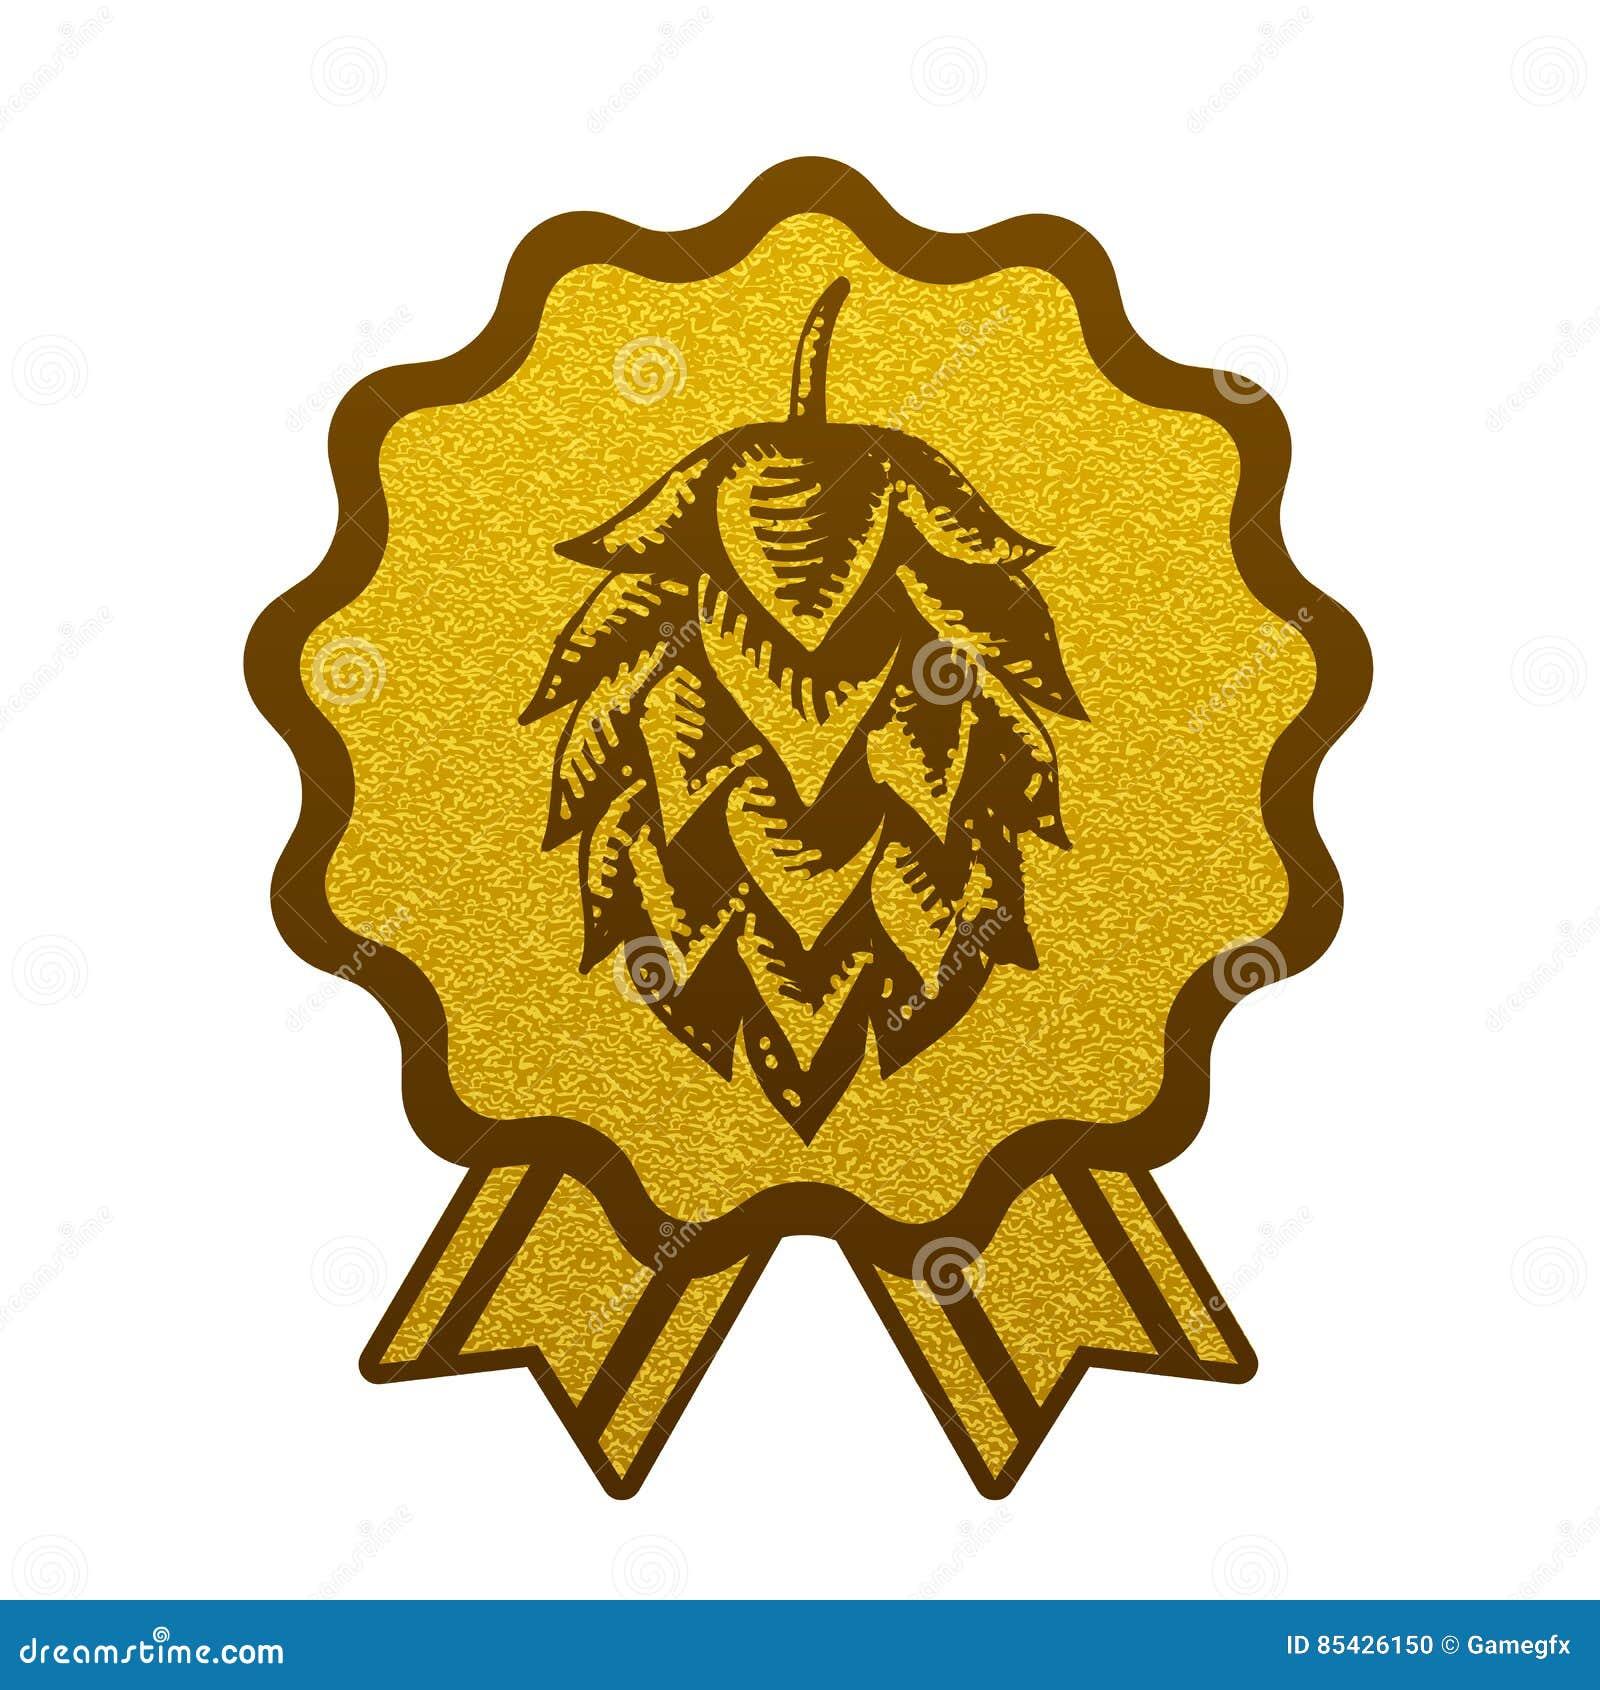 Λυκίσκου χρυσή ζυθοποιείων μπύρας ετικέτα λογότυπων συμβόλων σημαδιών Ιστού εικονιδίων επίπεδη